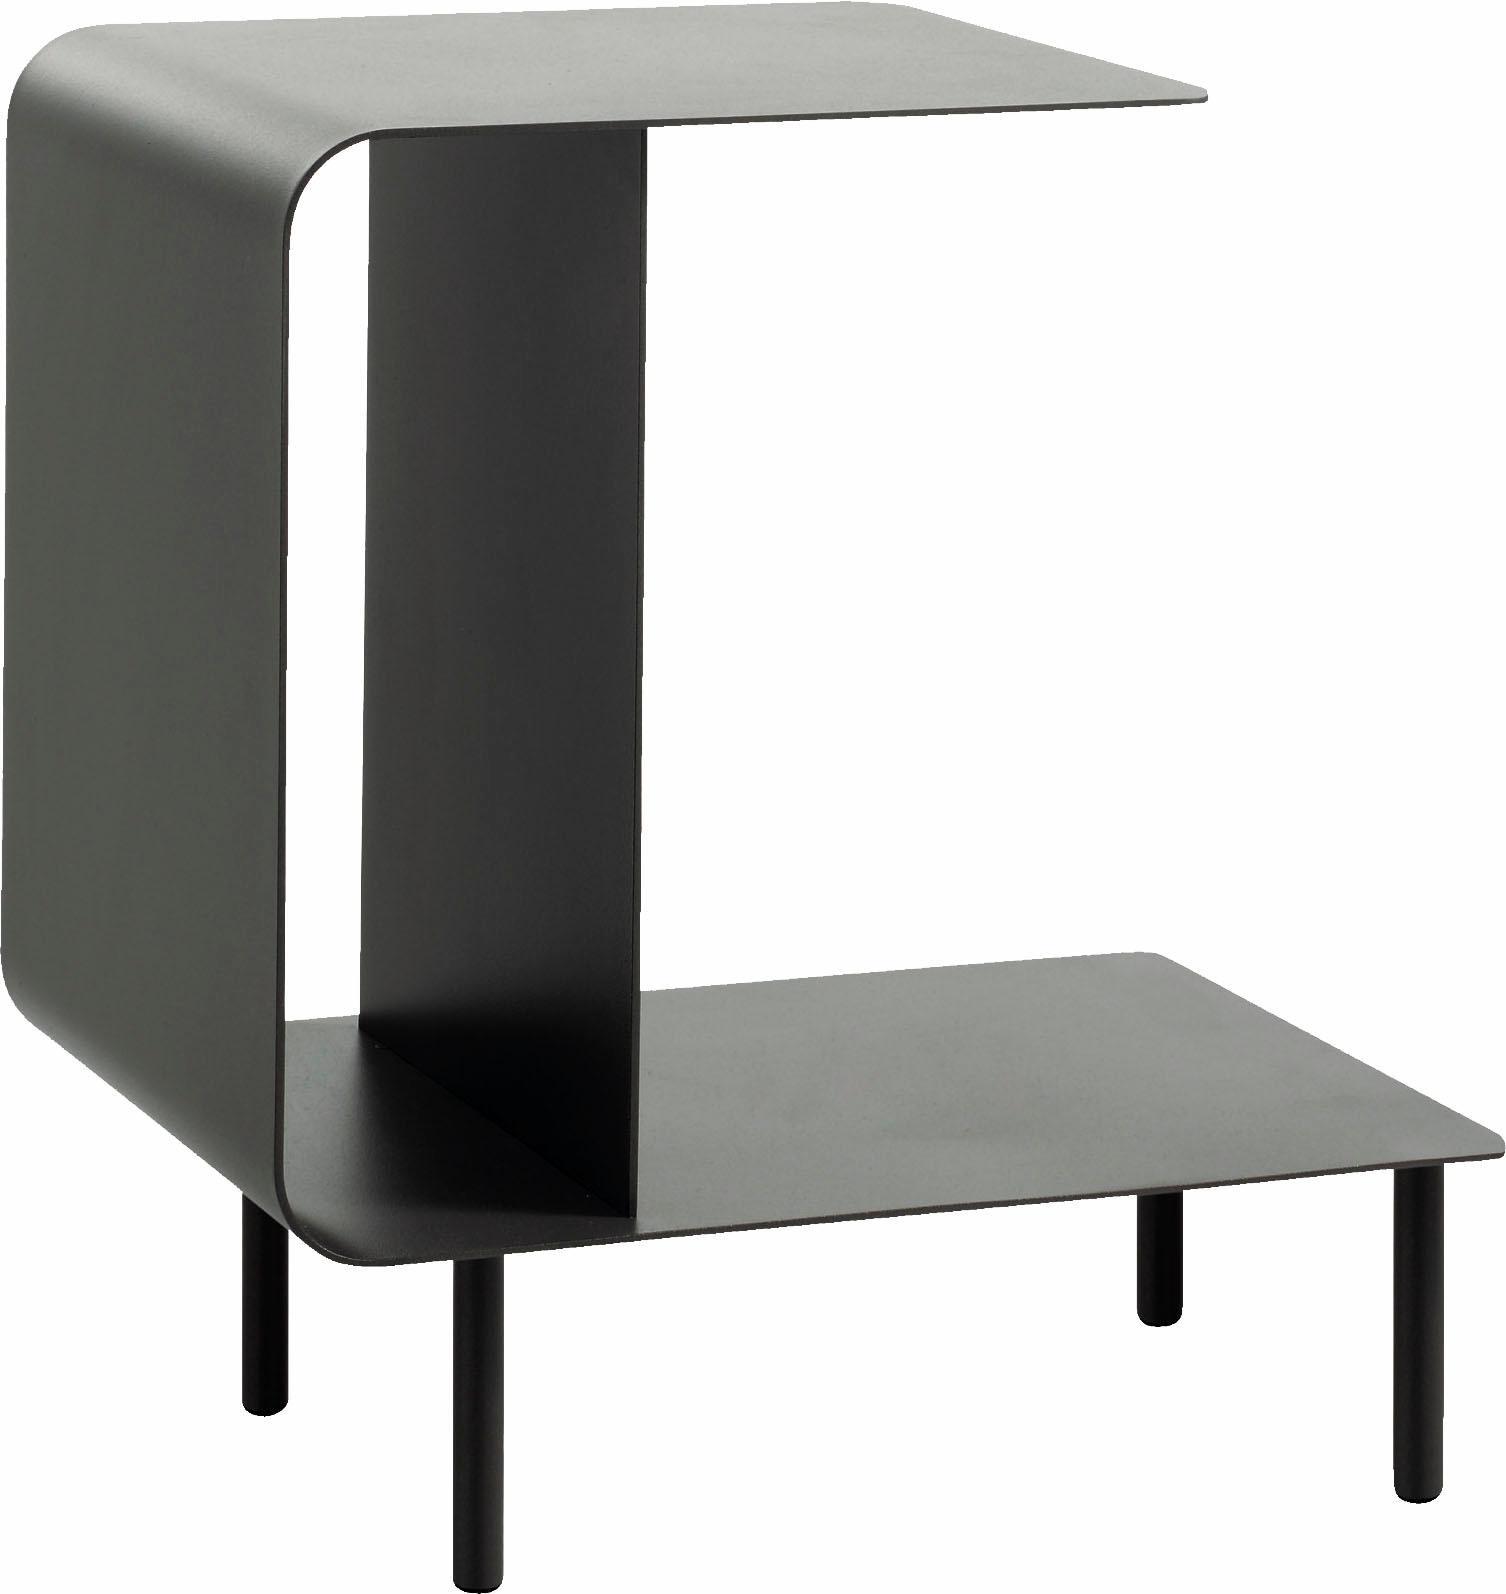 hülsta Beistelltisch MULTI -VARIS 03, aus Metall, Höhe 52 cm grau Beistelltische Tische